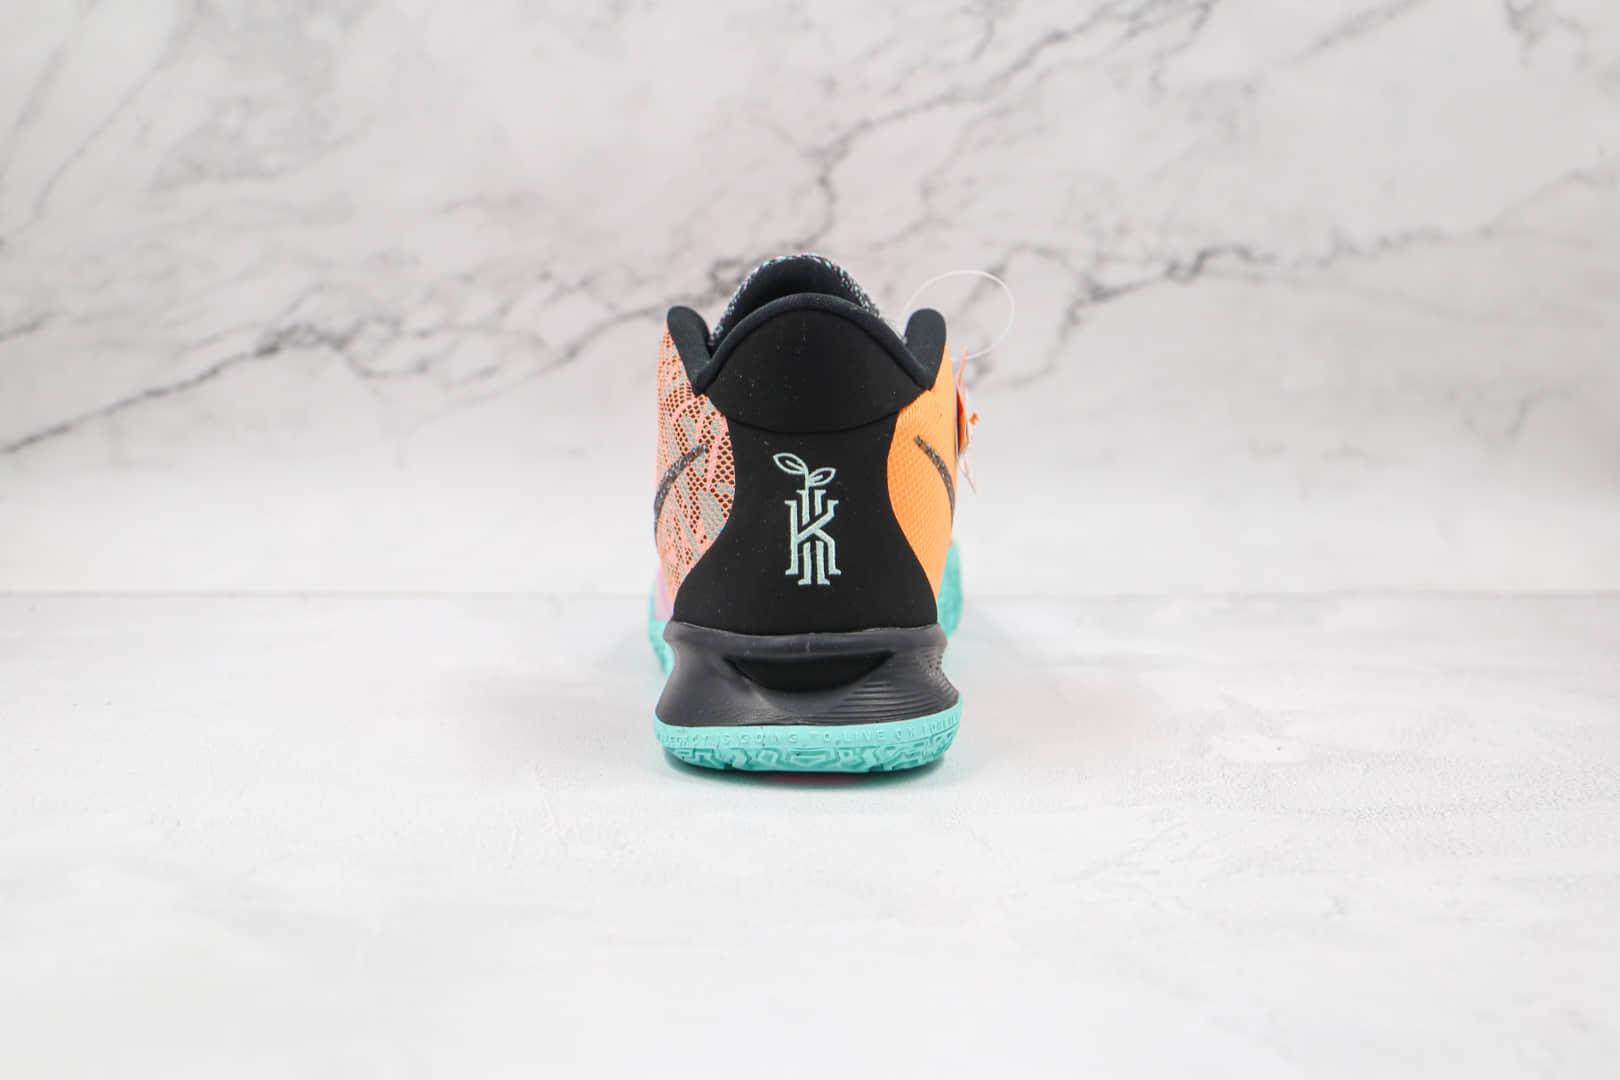 耐克Nike Kyrie 7 EP纯原版本欧文7代全明星黑橙绿色篮球鞋内置气垫支持实战 货号:DD1446-800